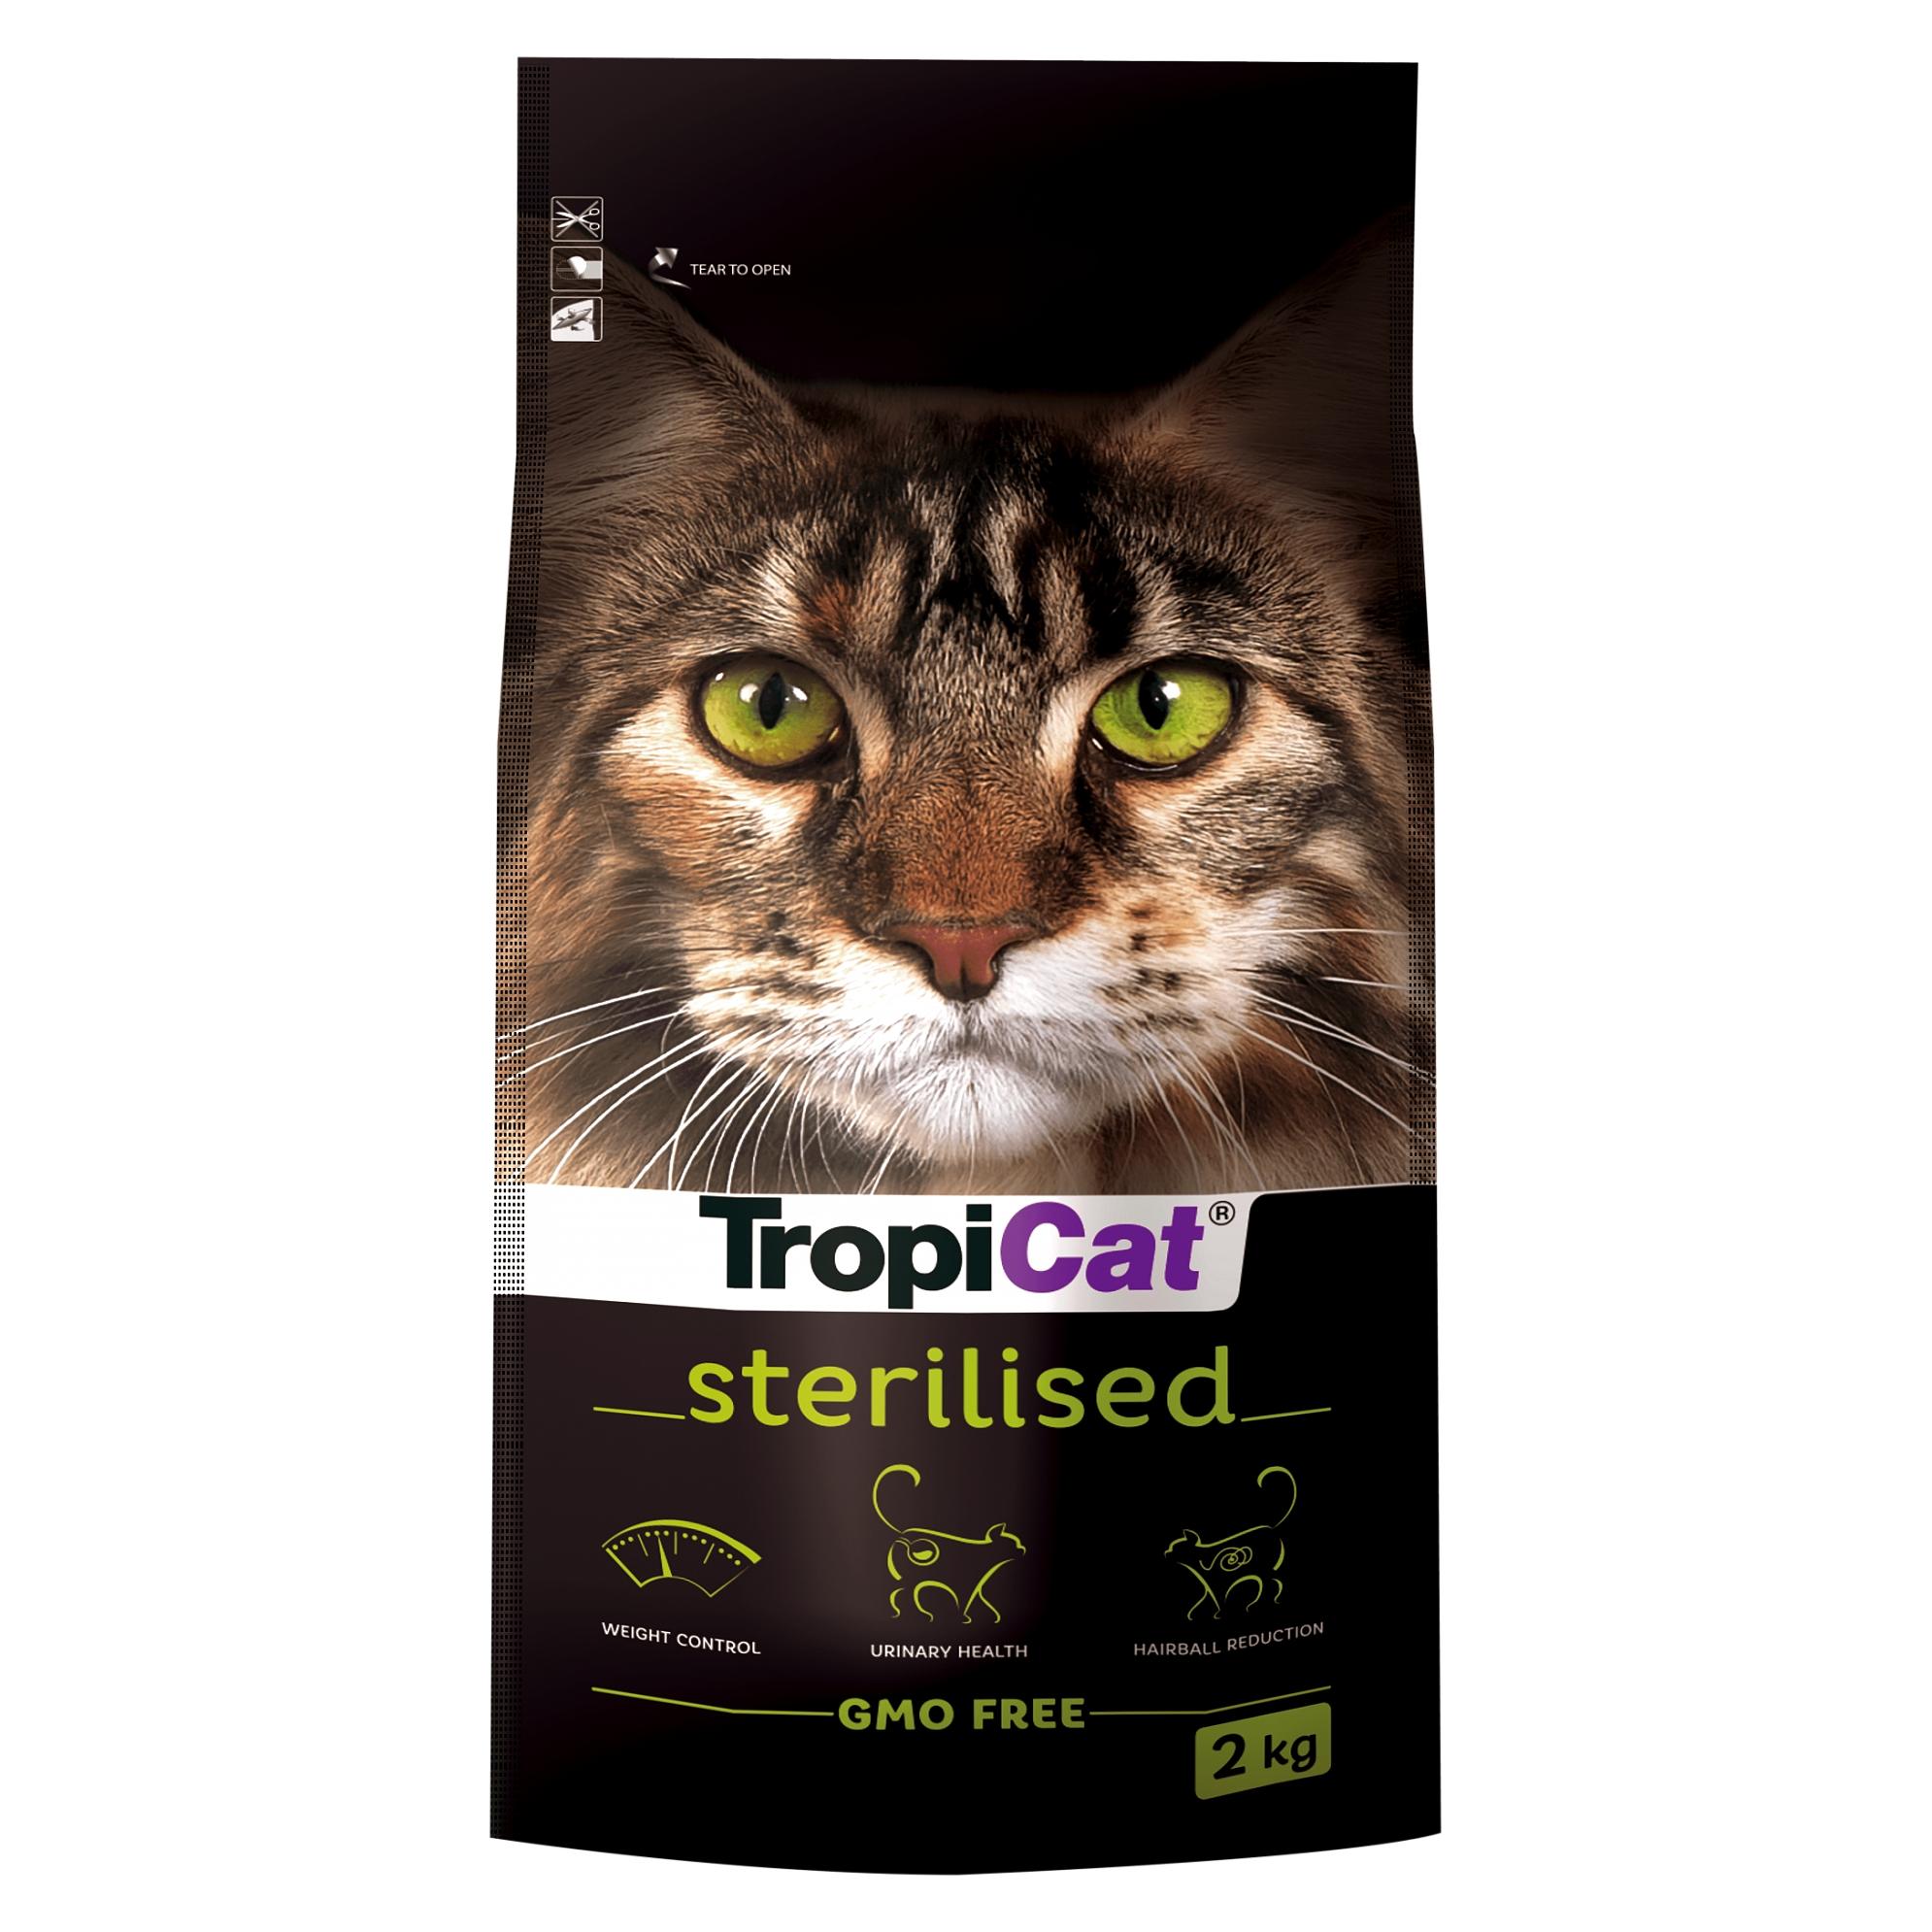 Tropicat Premium Sterilised - 2 Kg